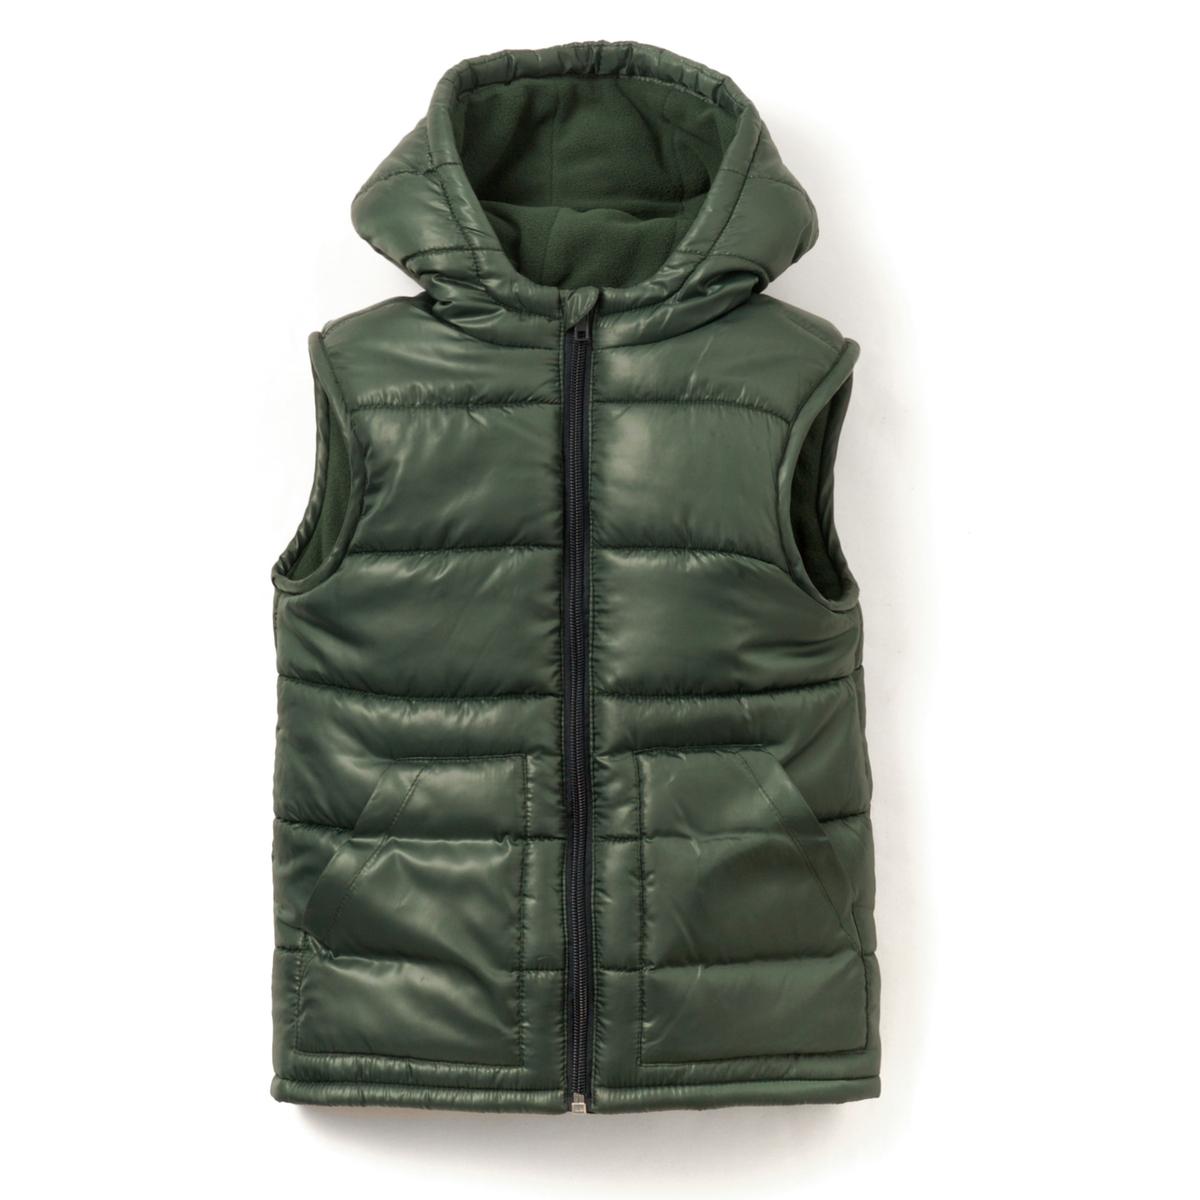 Стеганая куртка без рукавов, 3-12 летОписание:Детали •  Демисезонная модель •  Непромокаемое •  Застежка на молнию •  С капюшоном •  Длина : средняяСостав и уход •  100% полиэстер •  Температура стирки 30° •  Сухая чистка и отбеливание запрещены •  Не использовать барабанную сушку •  Не гладить<br><br>Цвет: синий морской,темно-зеленый<br>Размер: 12 лет -150 см.10 лет - 138 см.5 лет - 108 см.4 года - 102 см.10 лет - 138 см.3 года - 94 см.8 лет - 126 см